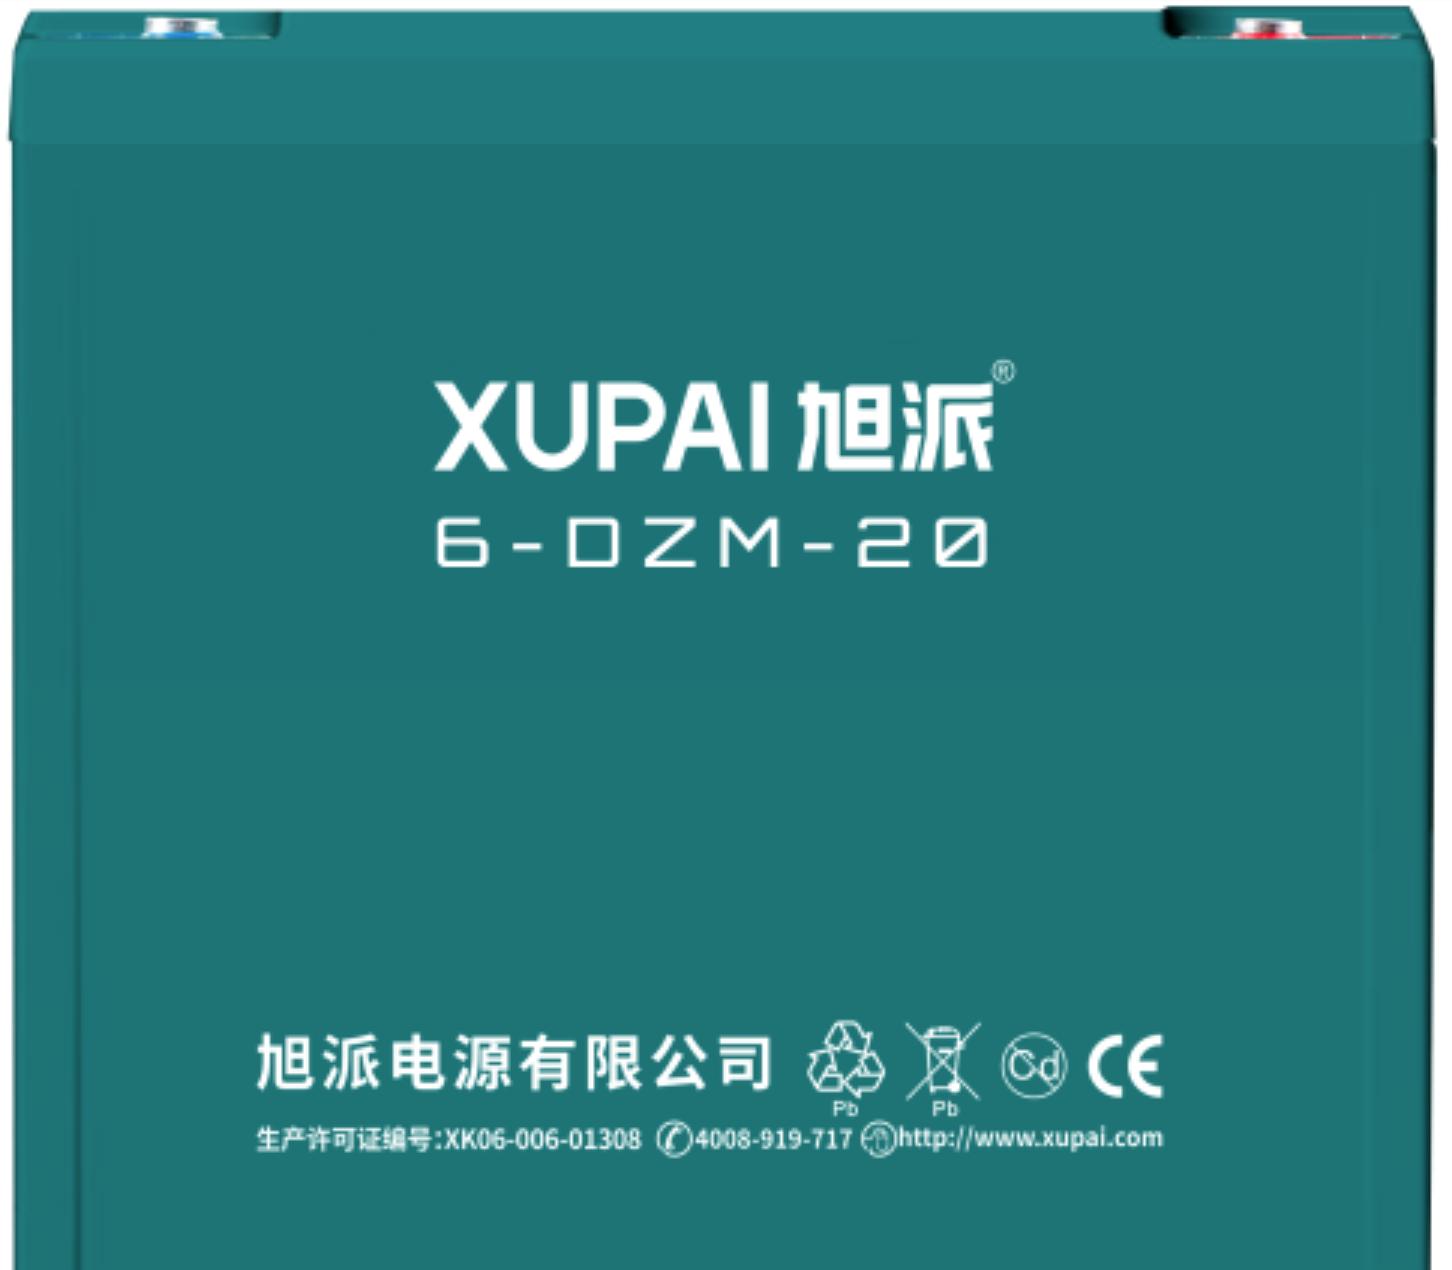 专用天能电池商家_昆明市盘龙区地业电动车配件经营部